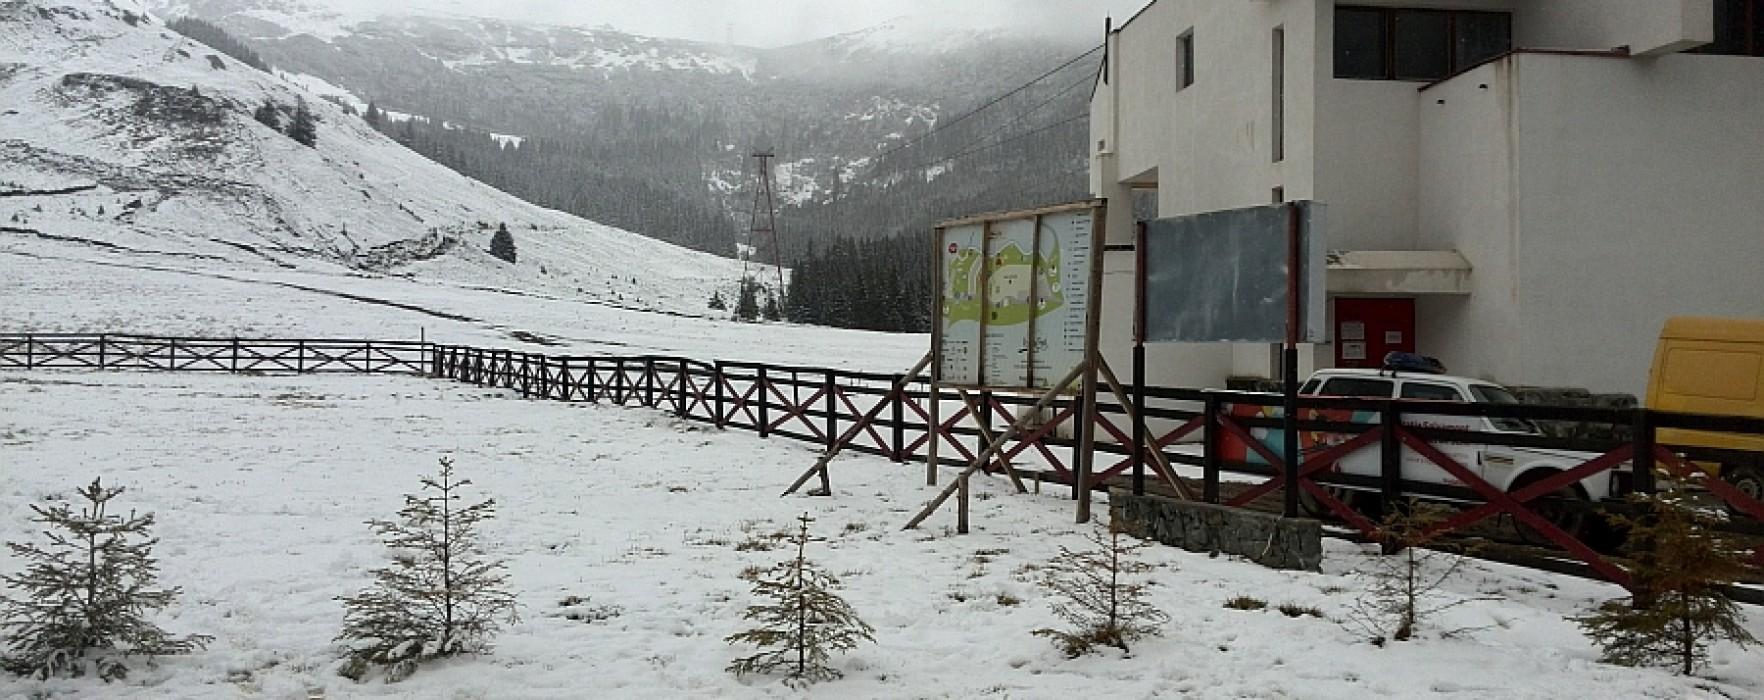 Consiliul Ştiinţific al Parcului Natural Bucegi nu este de acord cu dezvoltarea zonei montane